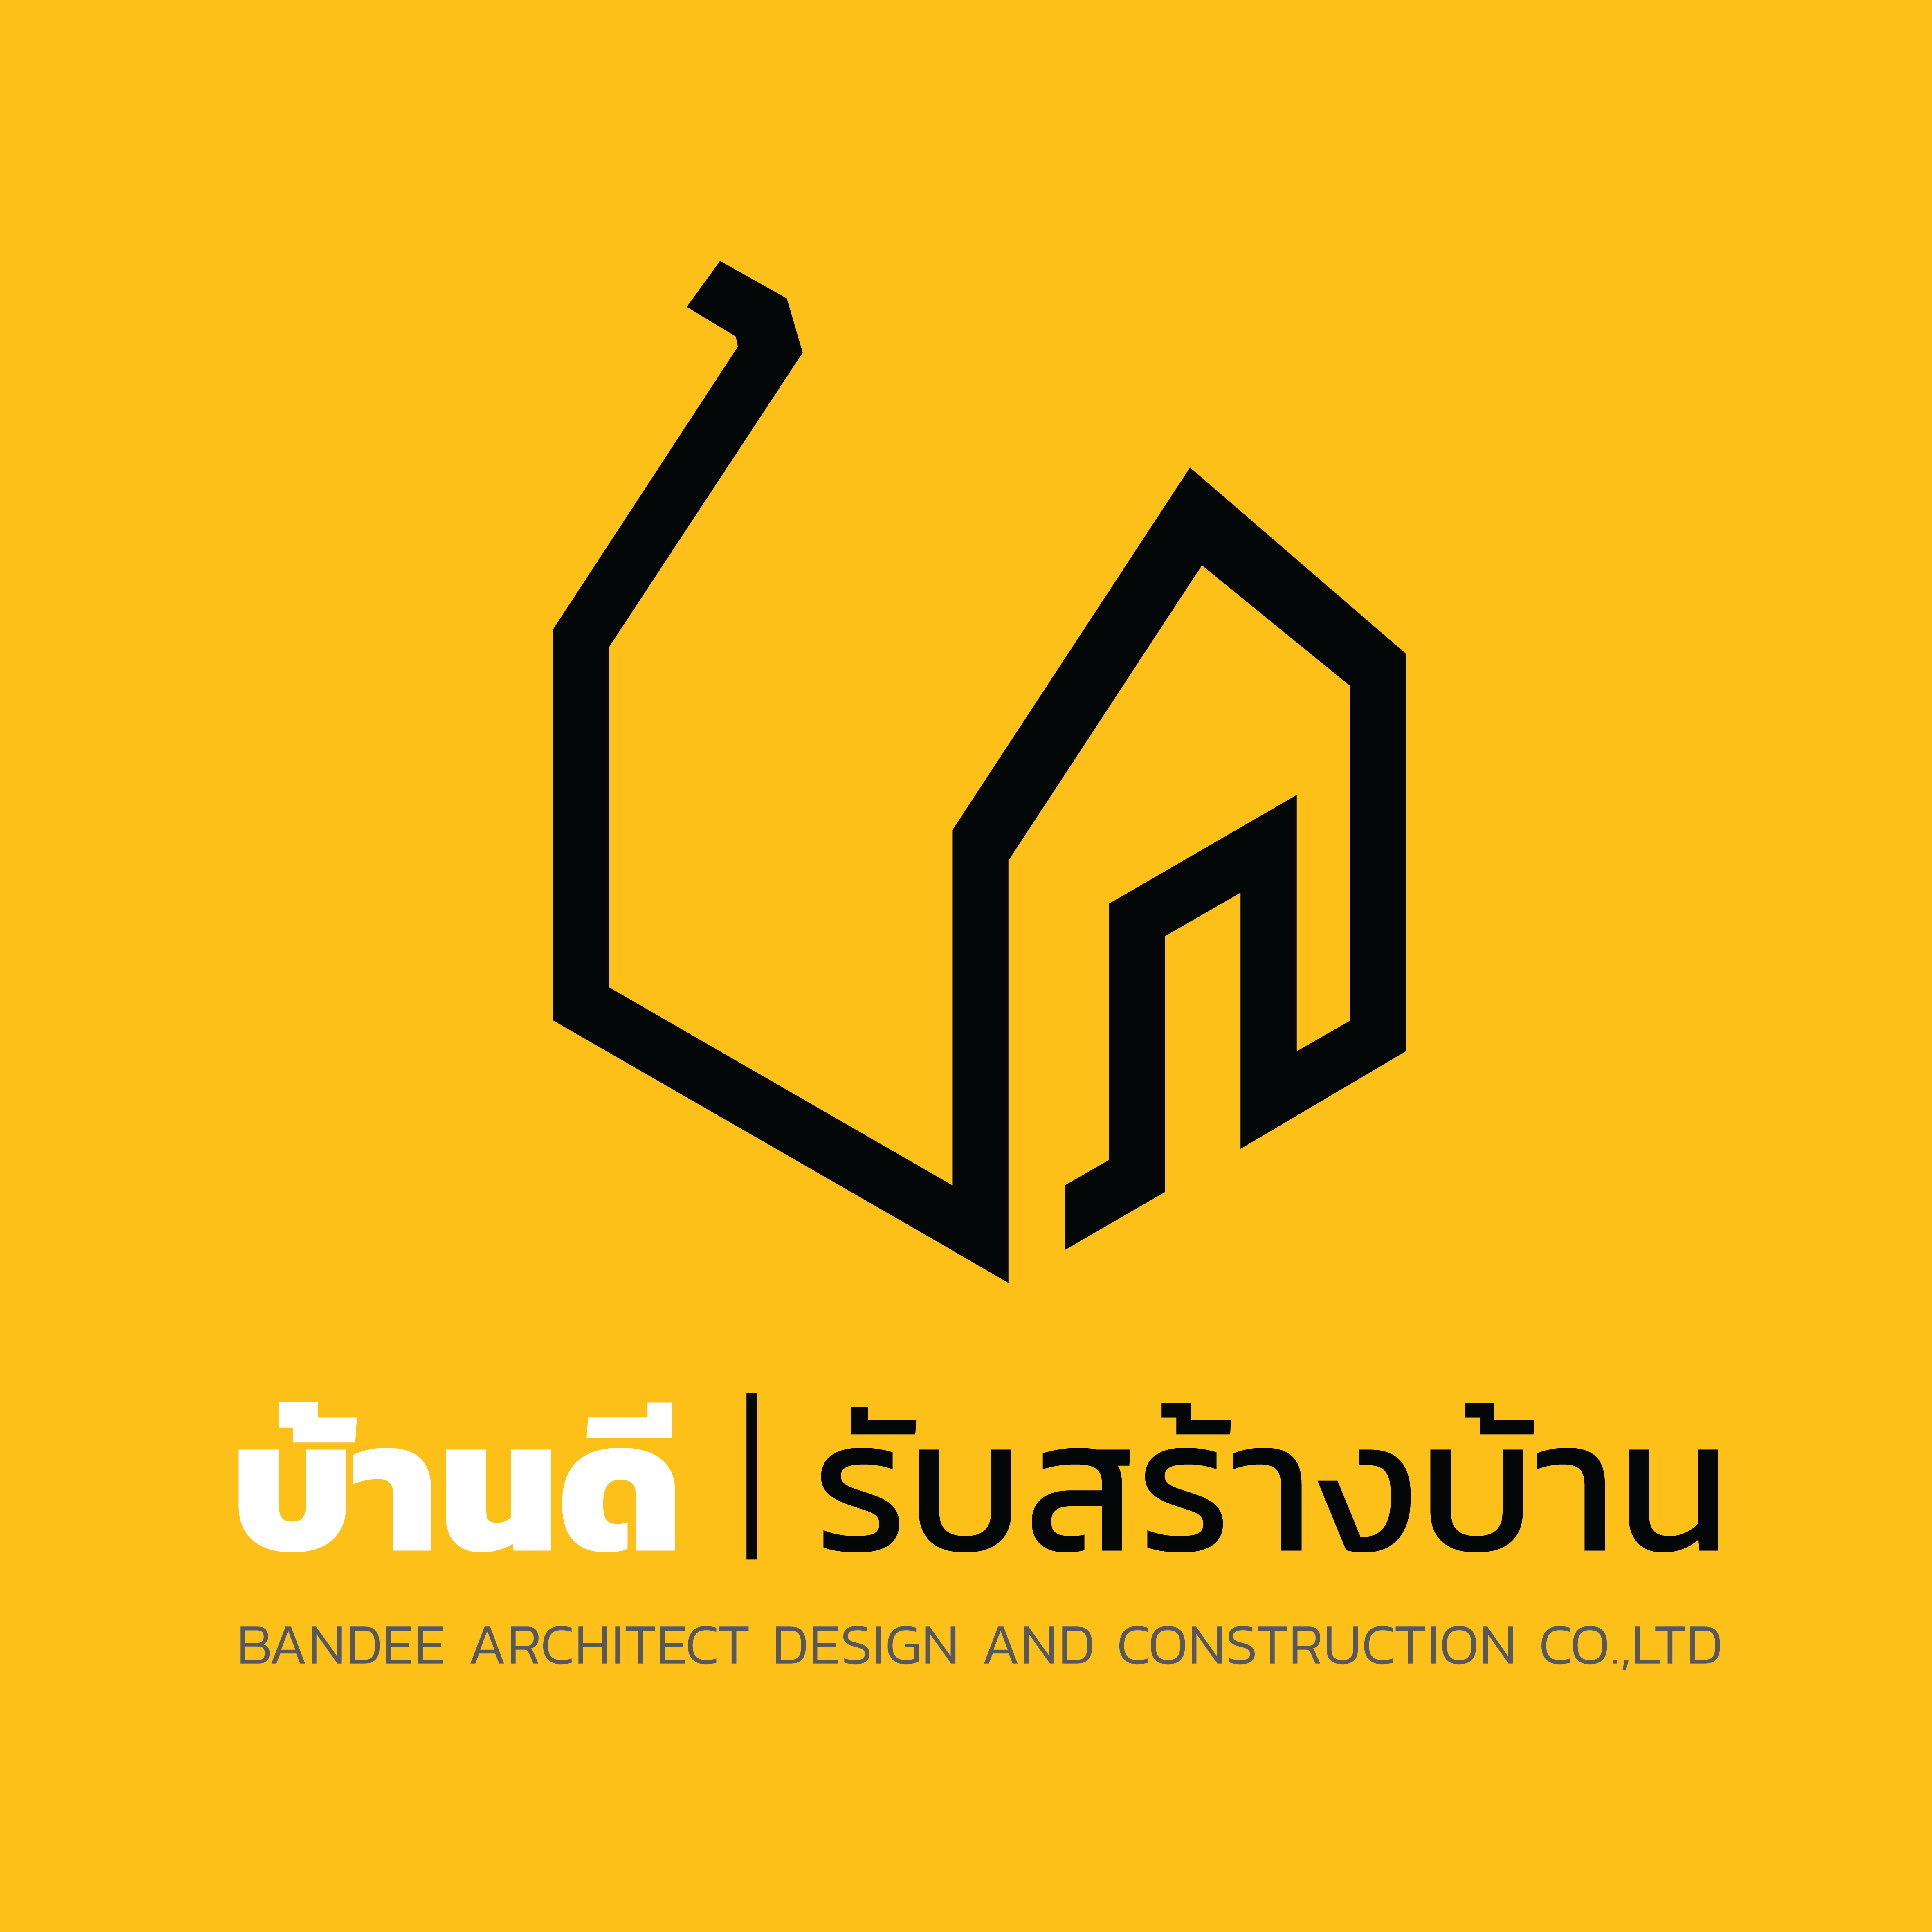 บริษัท บ้านดี สถาปนิก ออกแบบและก่อสร้าง จำกัด